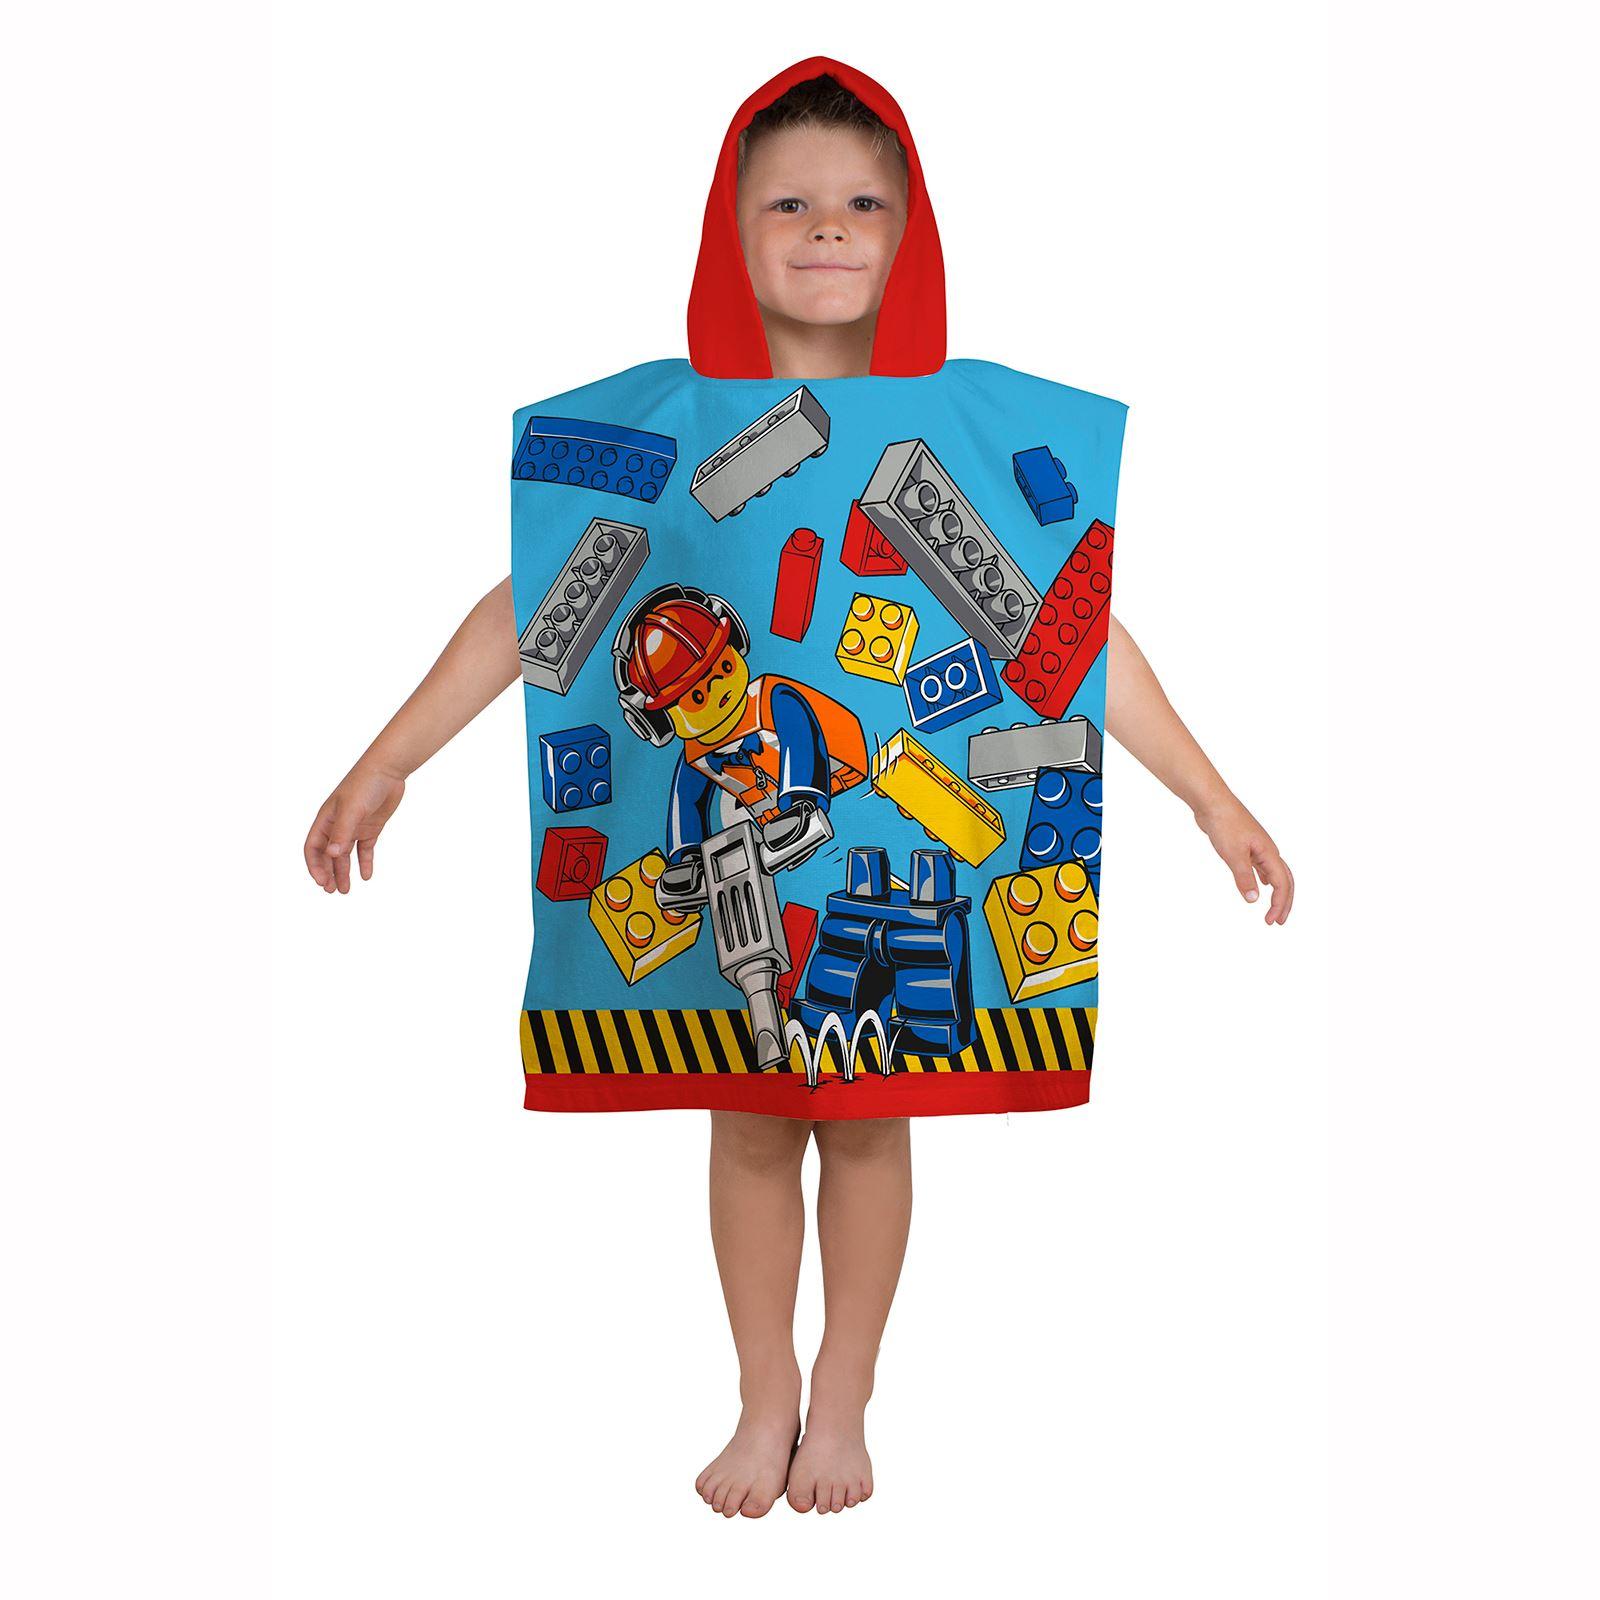 lego handt cher ponchos kinder baumwolle strandtuch star wars dc comics ebay. Black Bedroom Furniture Sets. Home Design Ideas